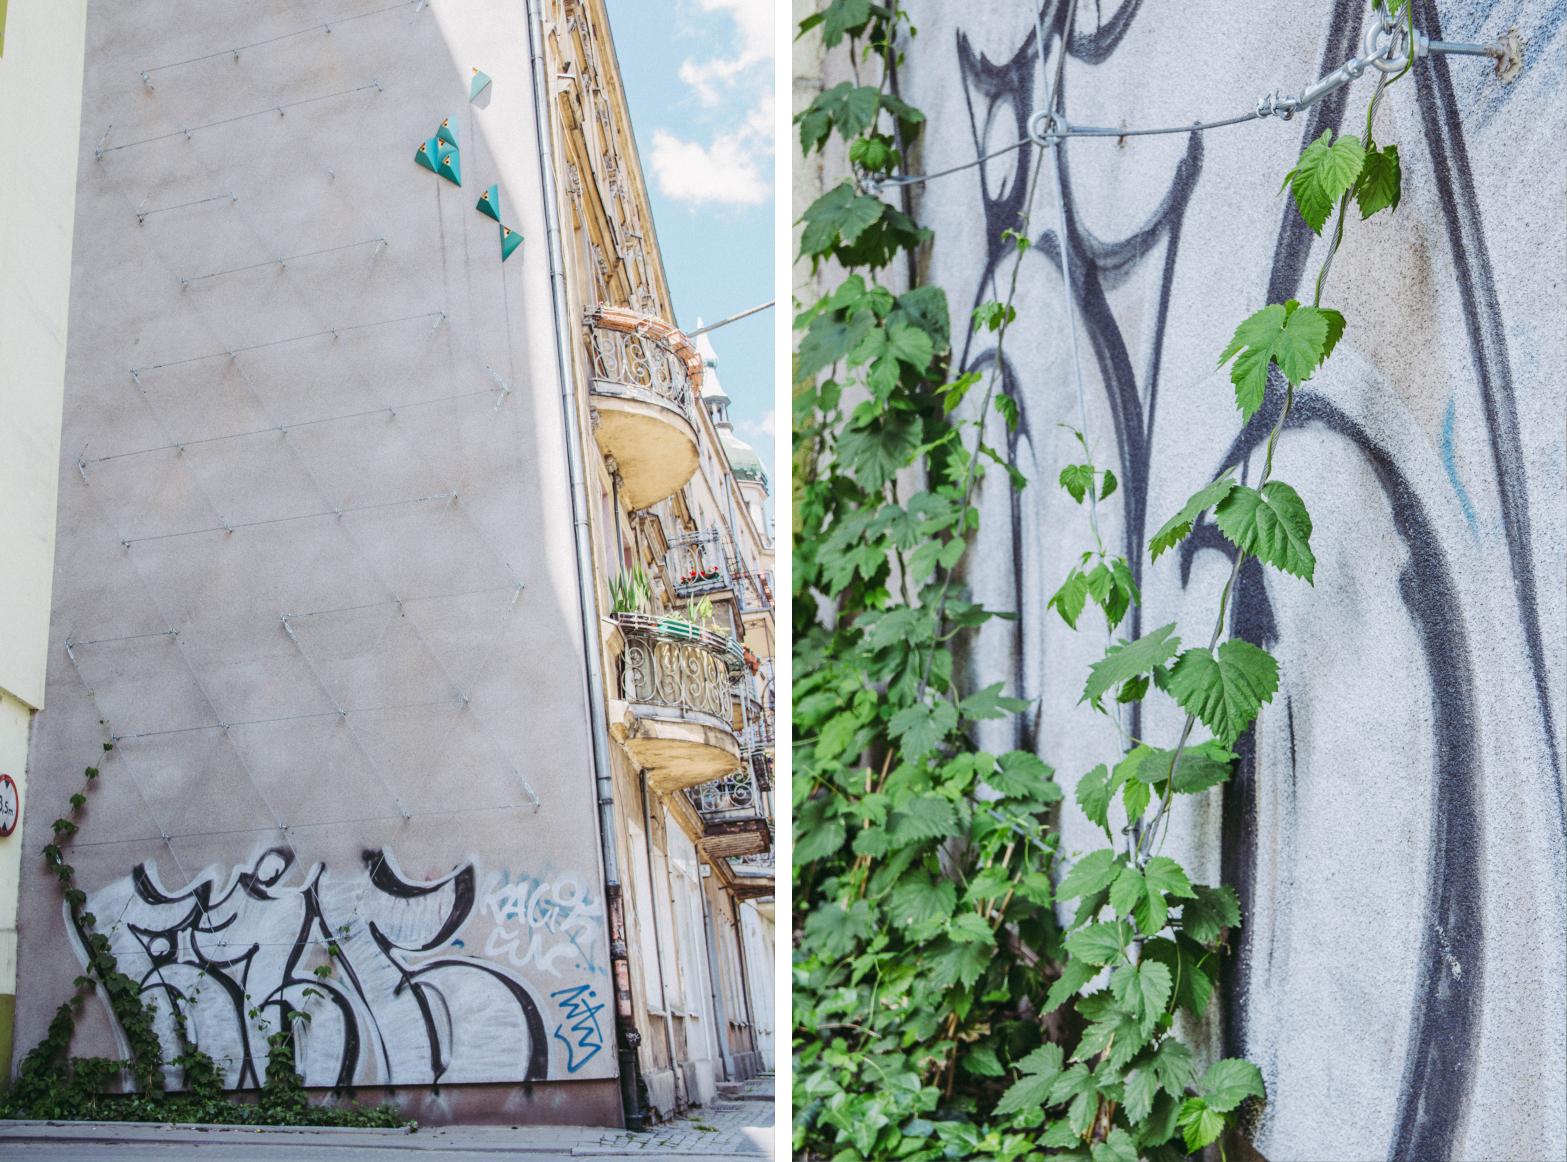 rozwiązania oparte na naturze - miasto gąbka - obserwtorium polityki miejskiej